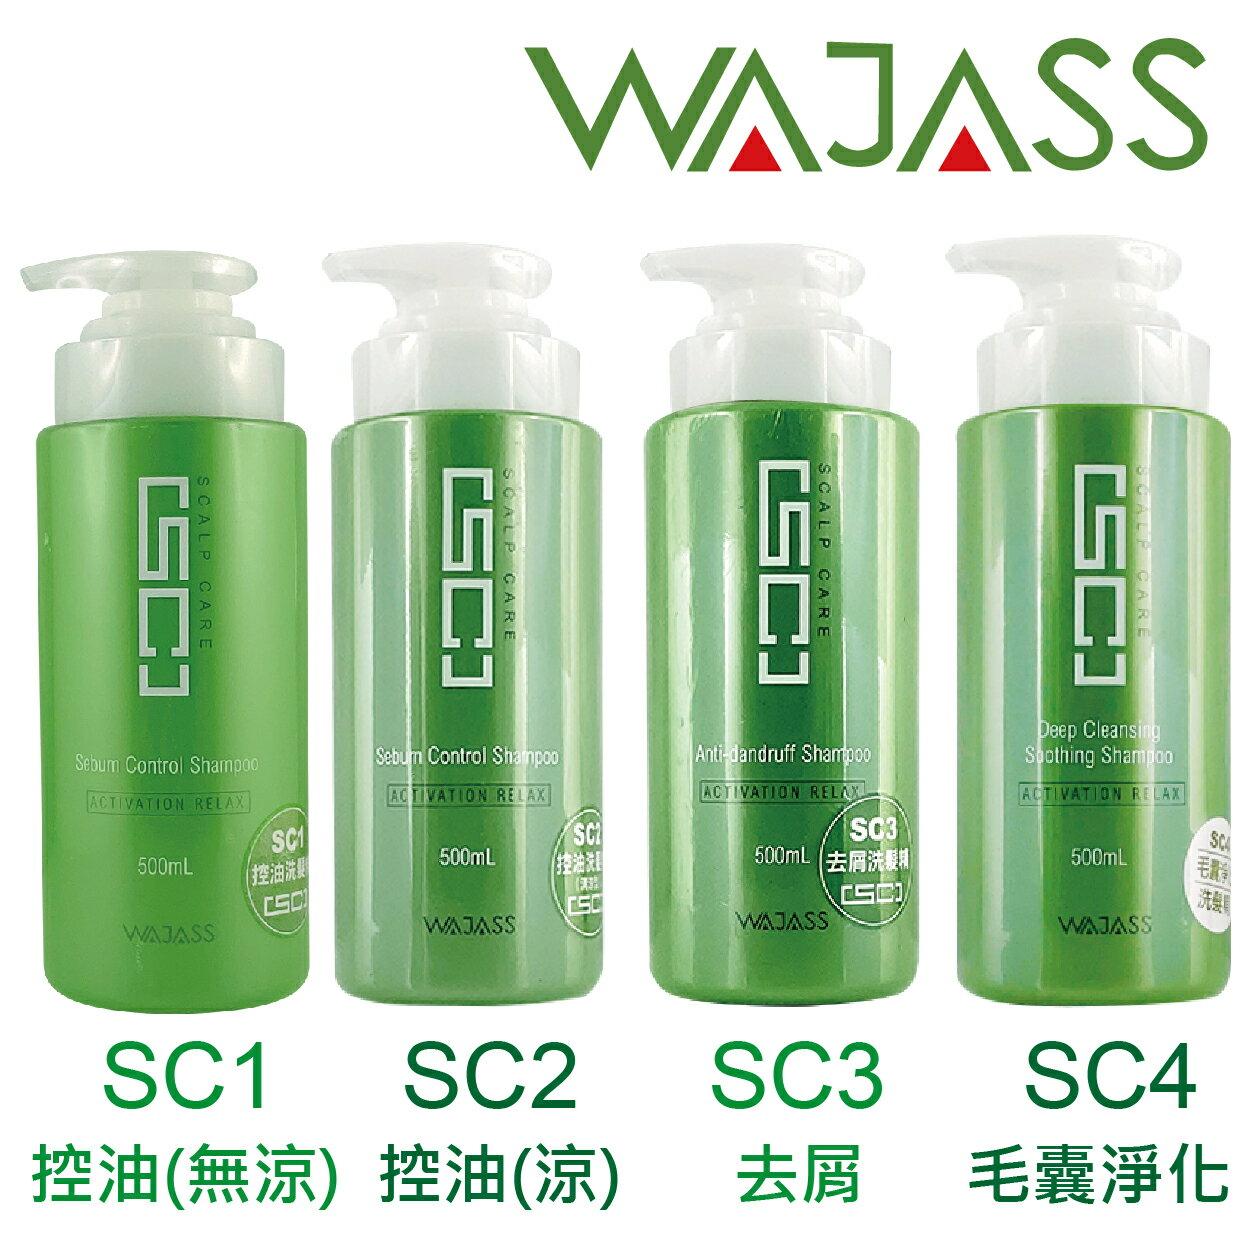 WAJASS威傑士 SC1無涼款  /  SC2控油(清涼型 ) /  SC3去屑  /  SC4毛囊淨化洗髮精500ml 0